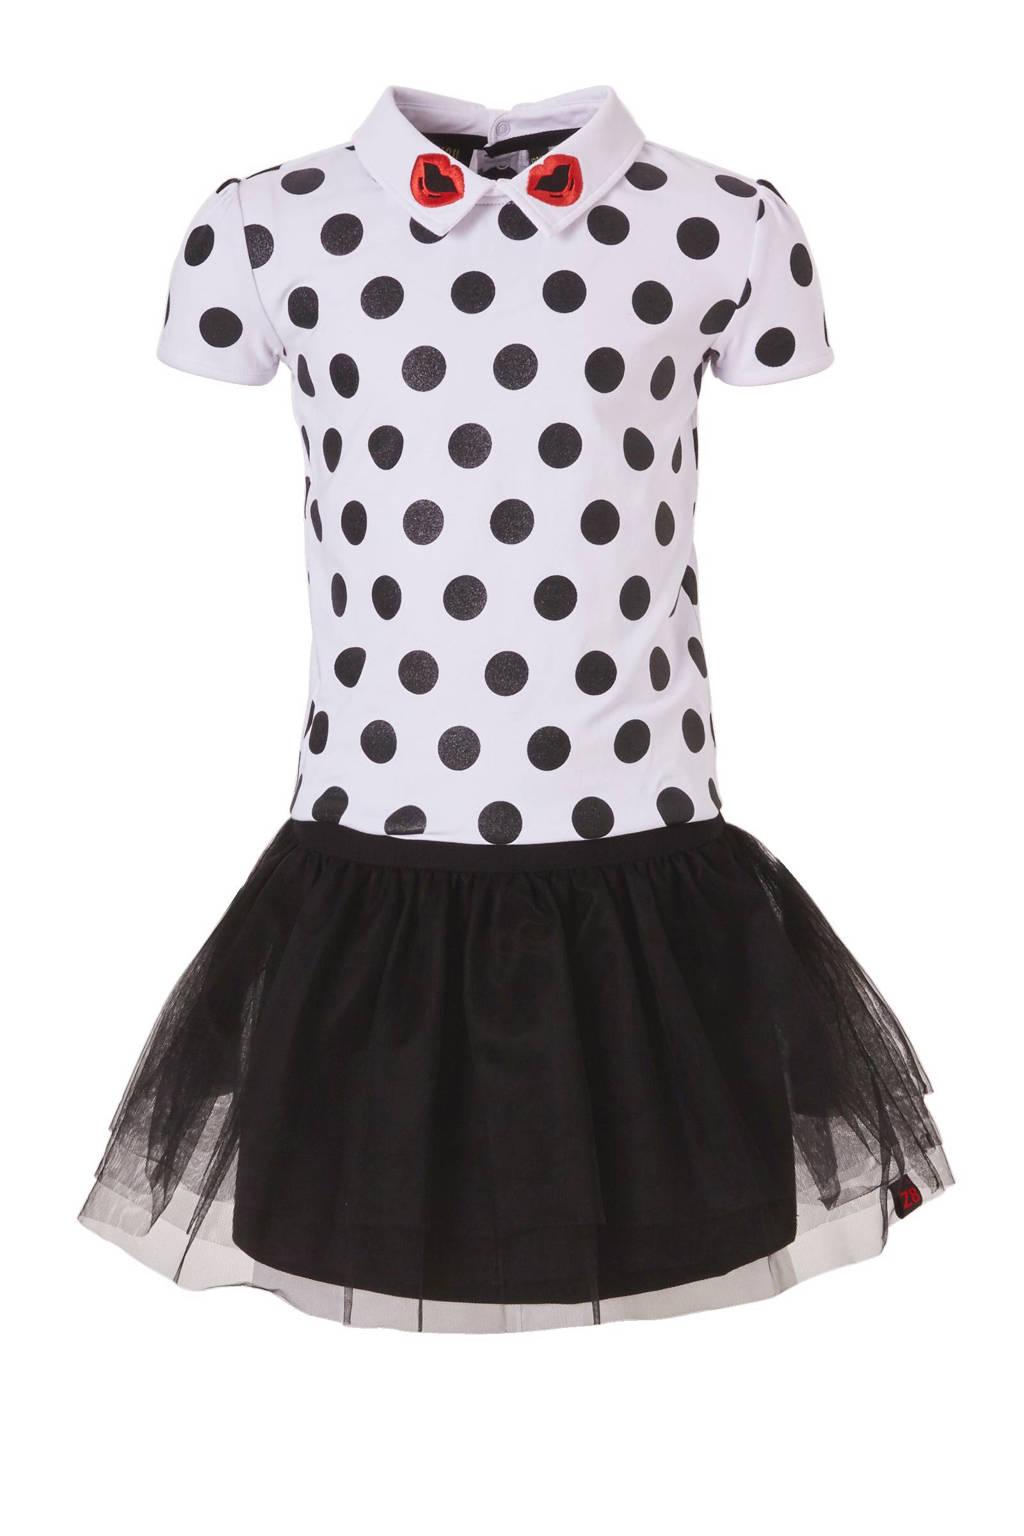 Z8 jurk Fileine, Wit / zwart / rood